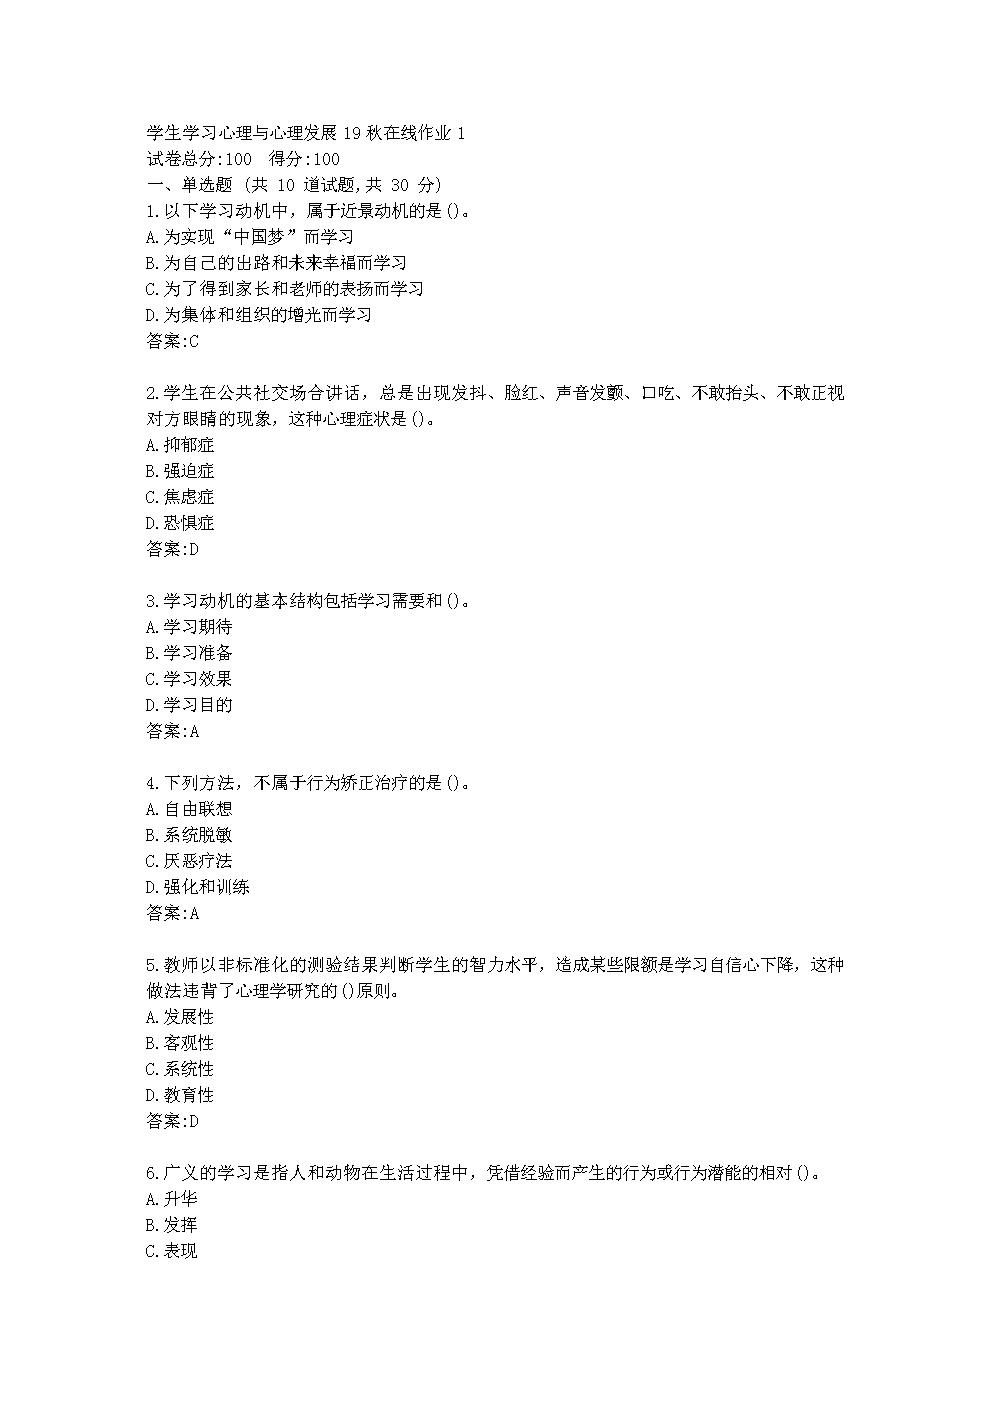 东师学生学习心理与心理发展20秋在线作业1【标准答案】.docx